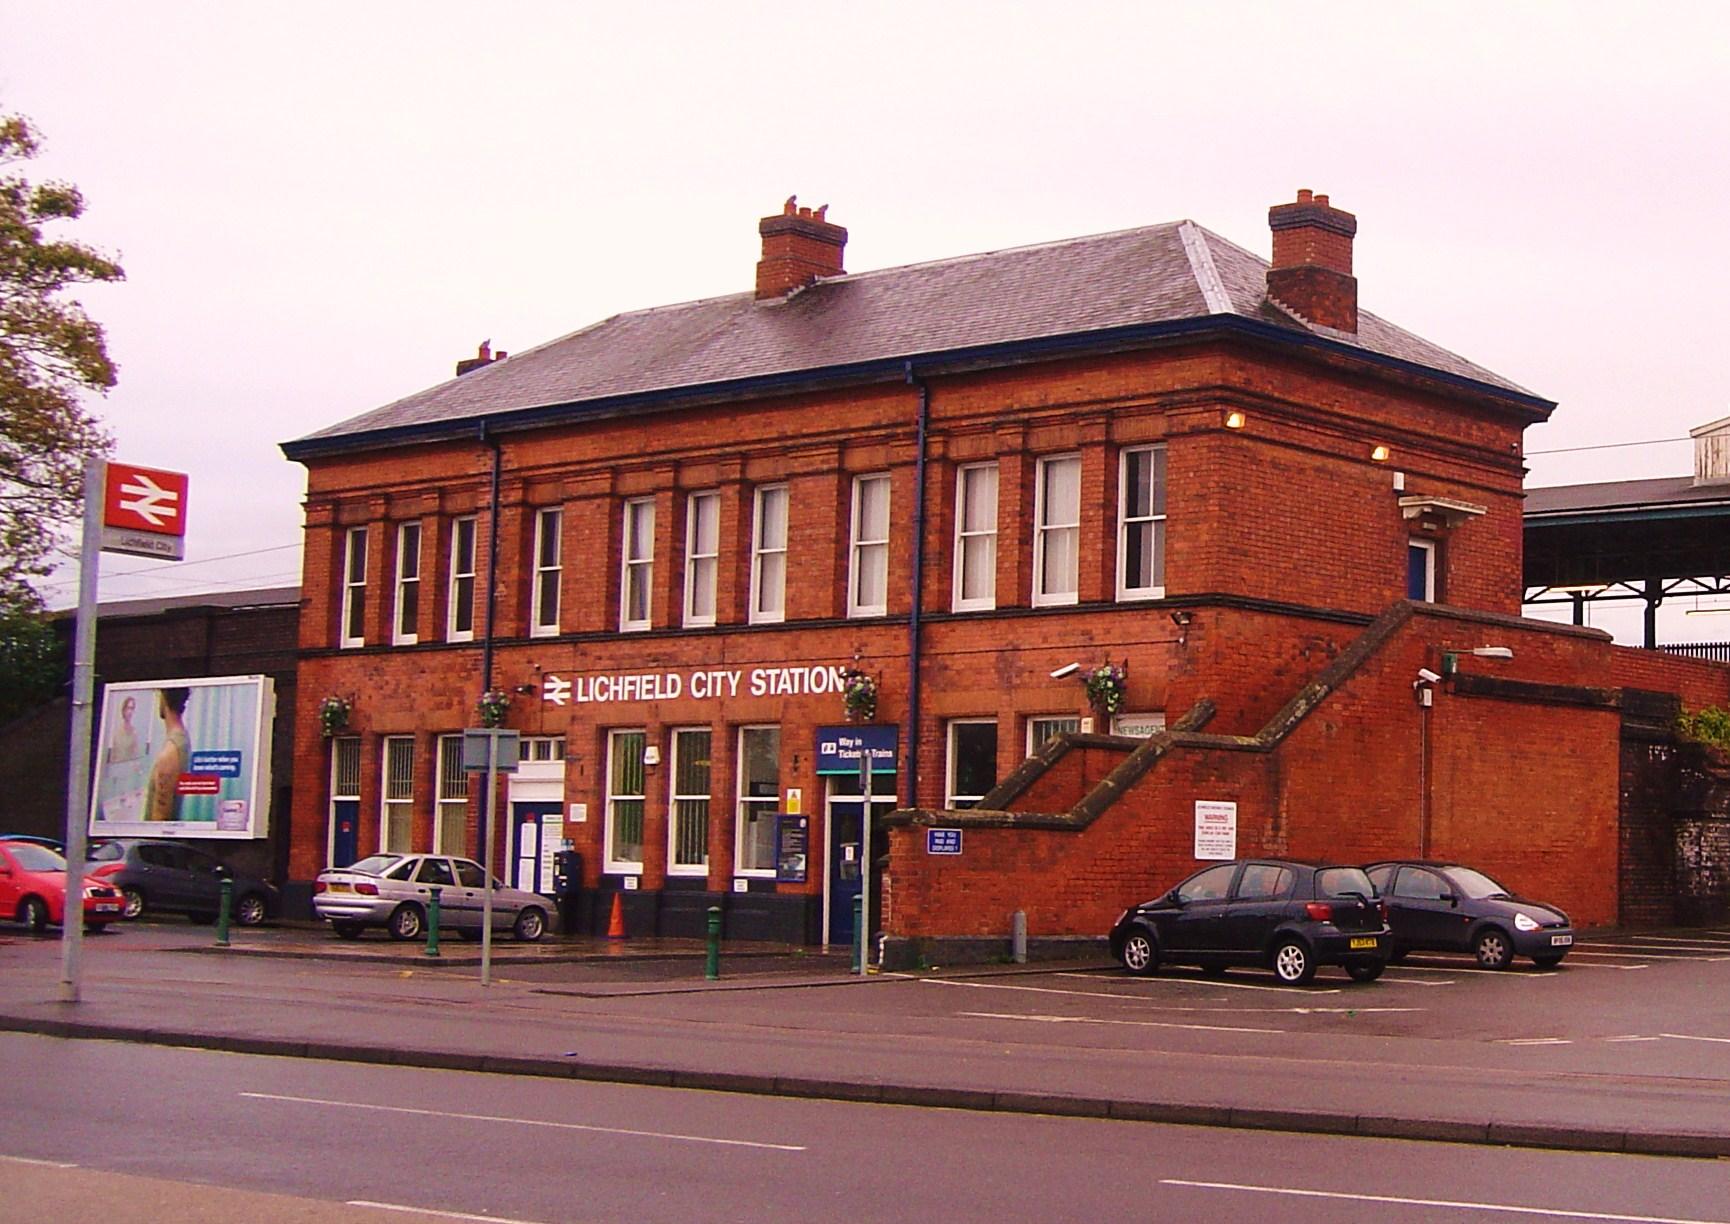 Lichfield city picture ile ilgili görsel sonucu